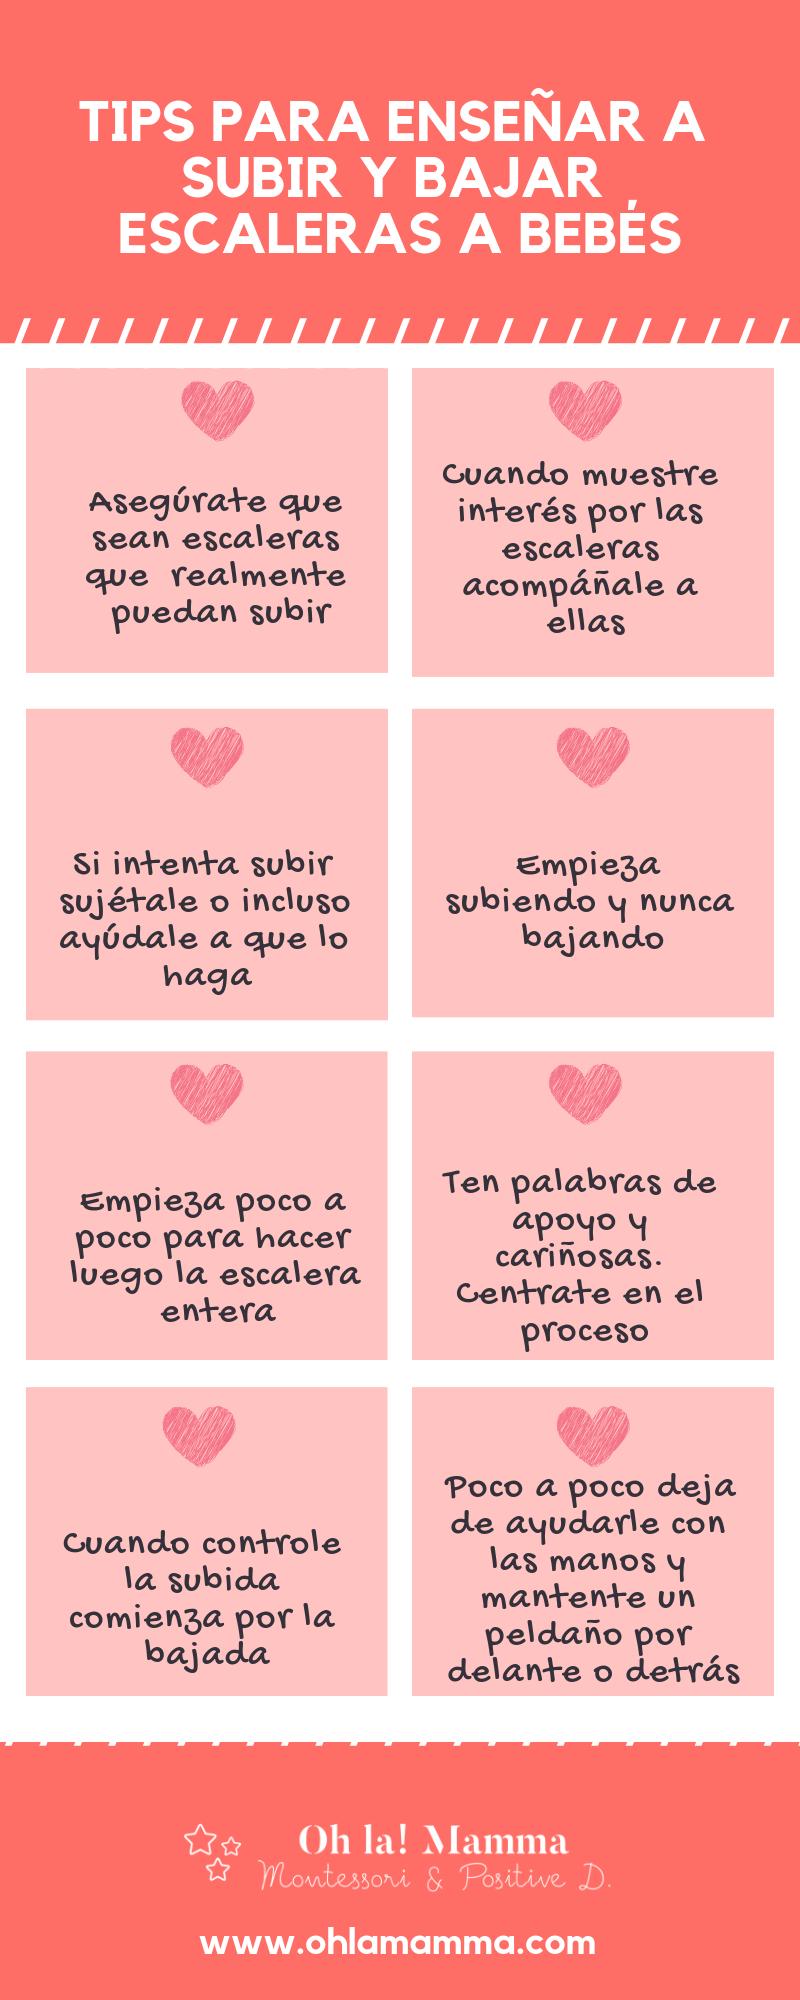 #bebes #escaleras